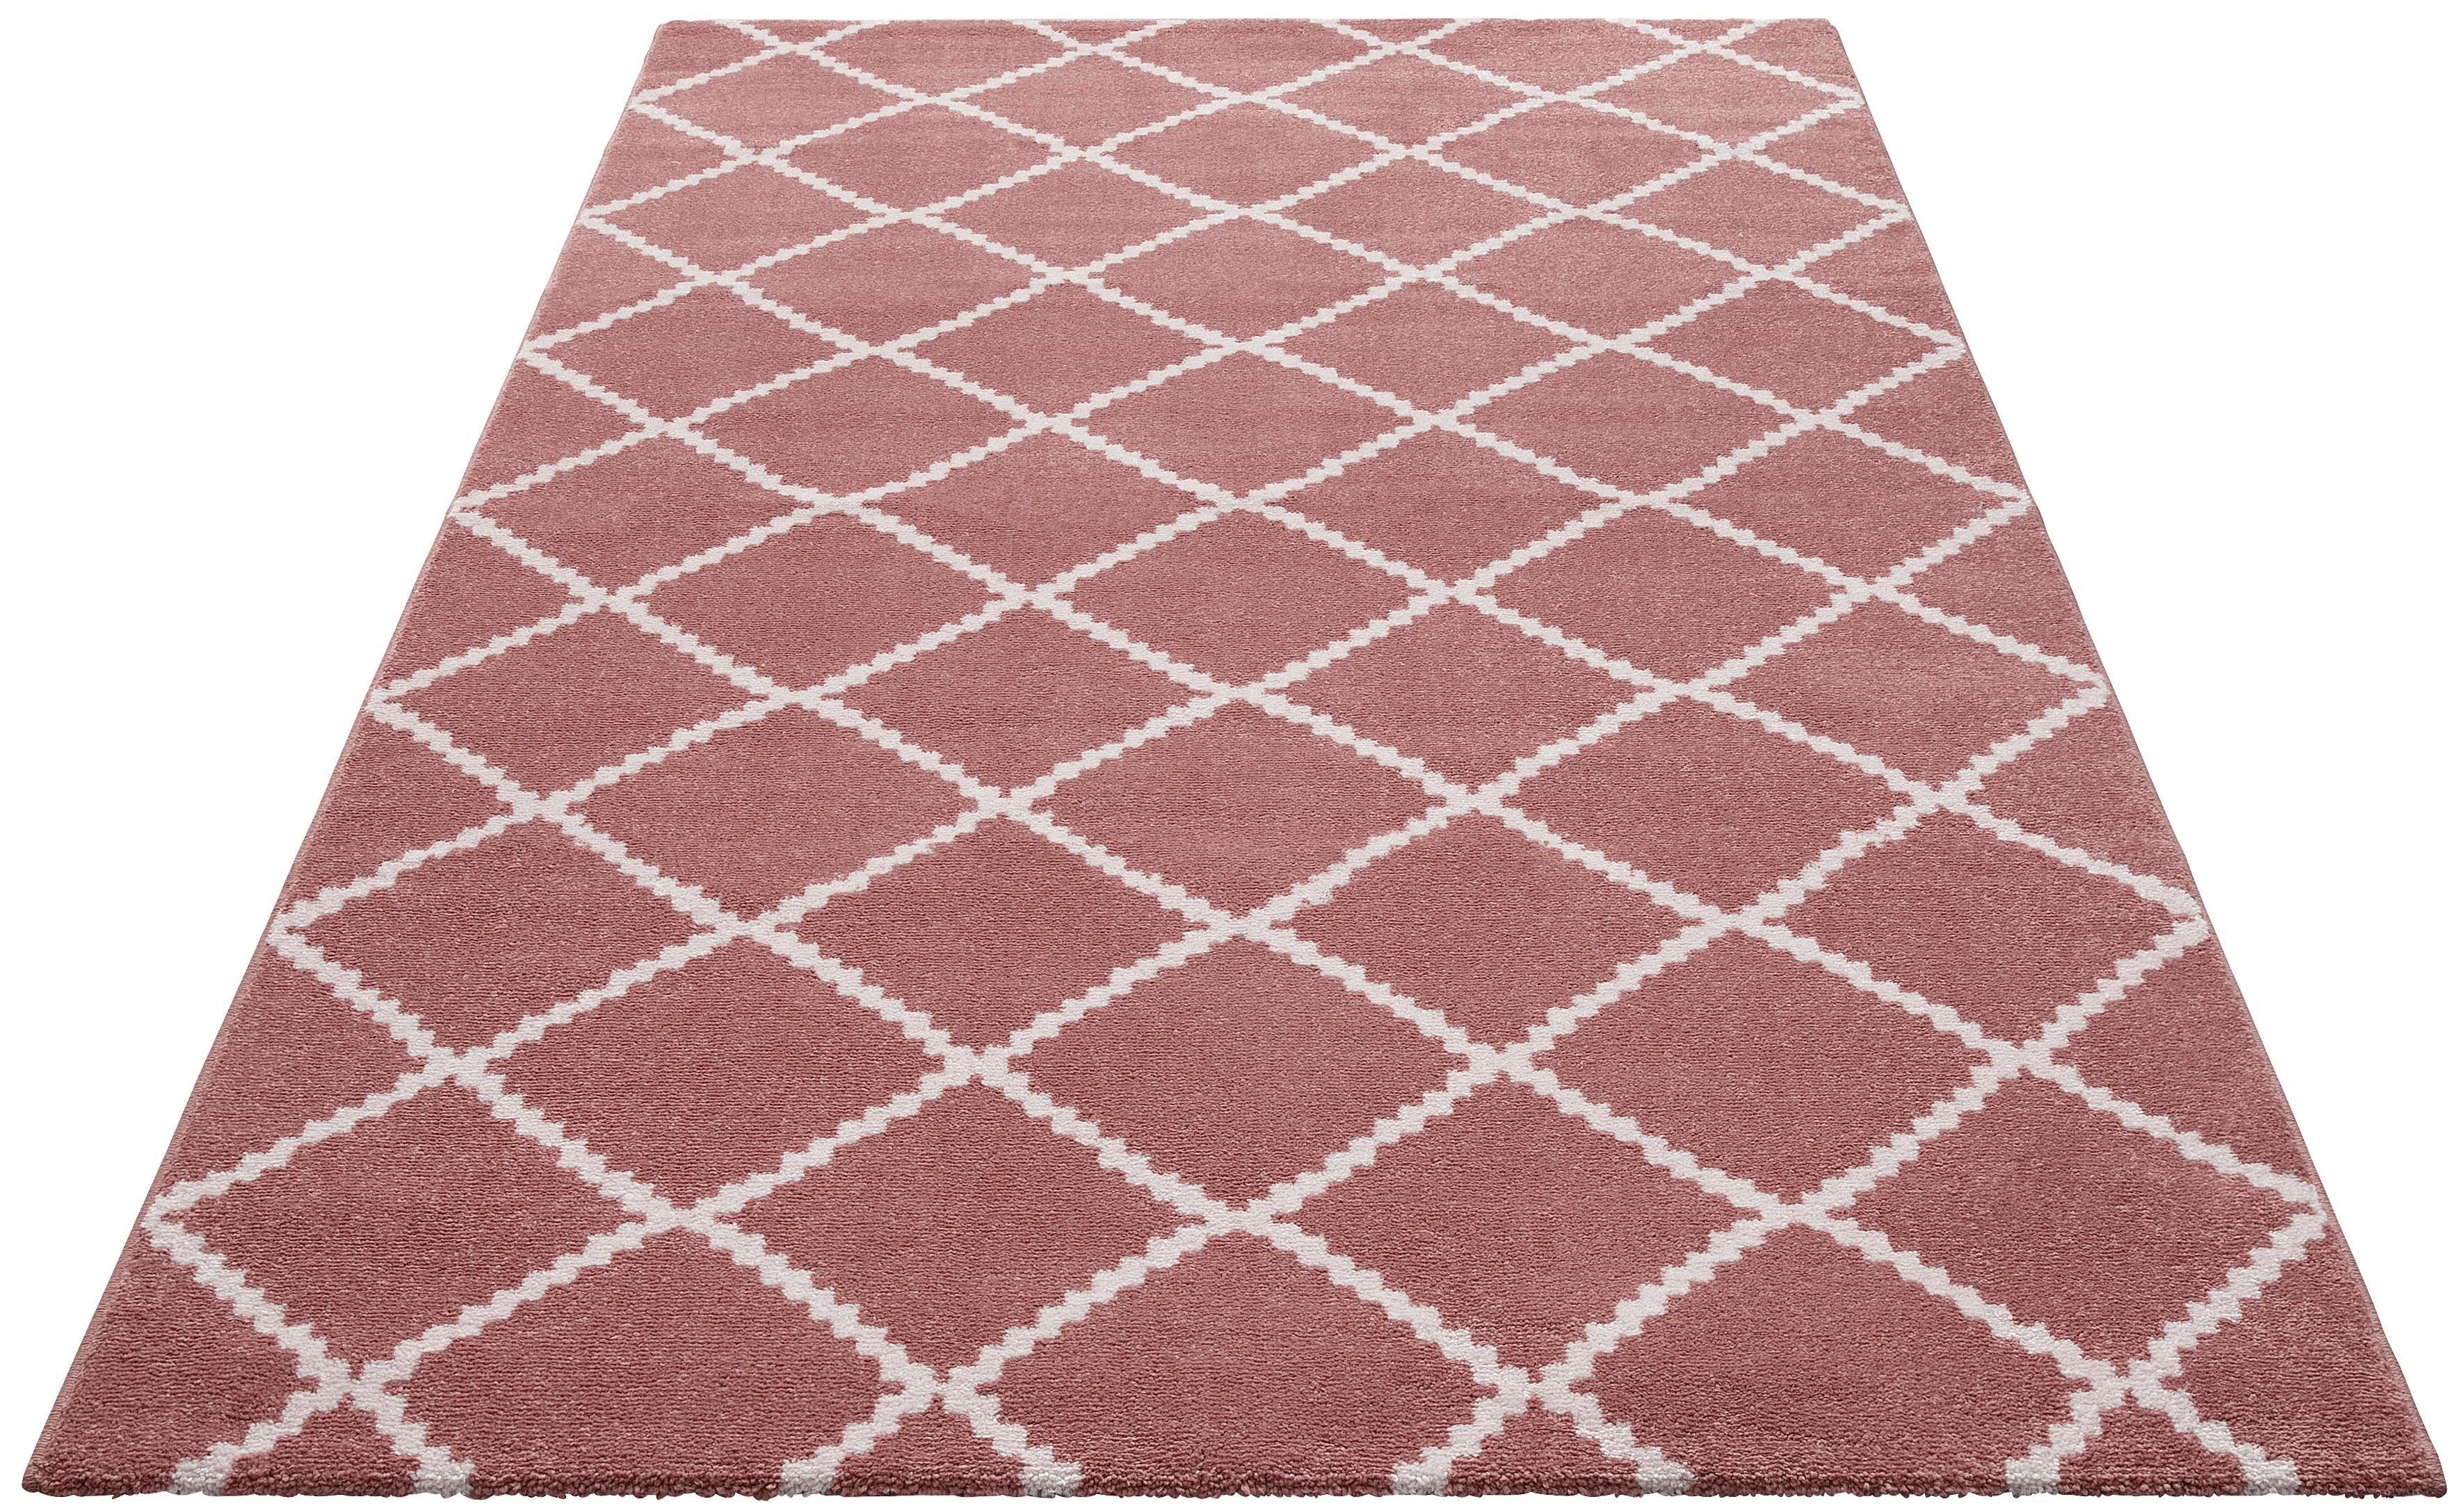 Teppich Paris Guido Maria Kretschmer Home&Living rechteckig Höhe 13 mm maschinell gewebt